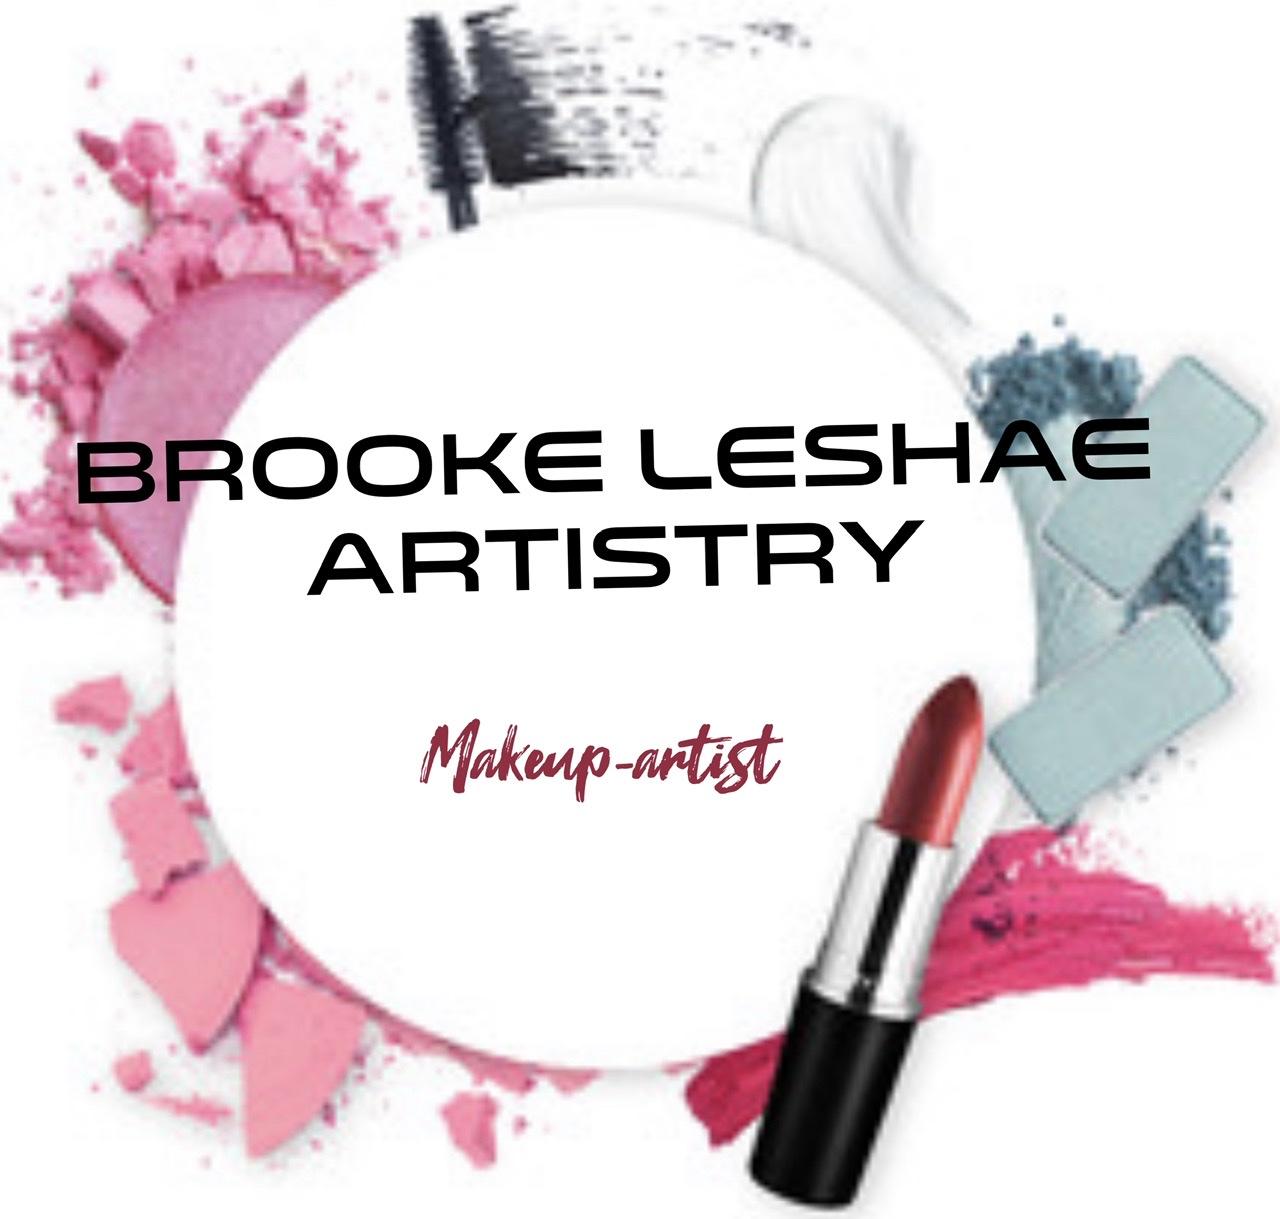 Brooke LeShae Artistry image